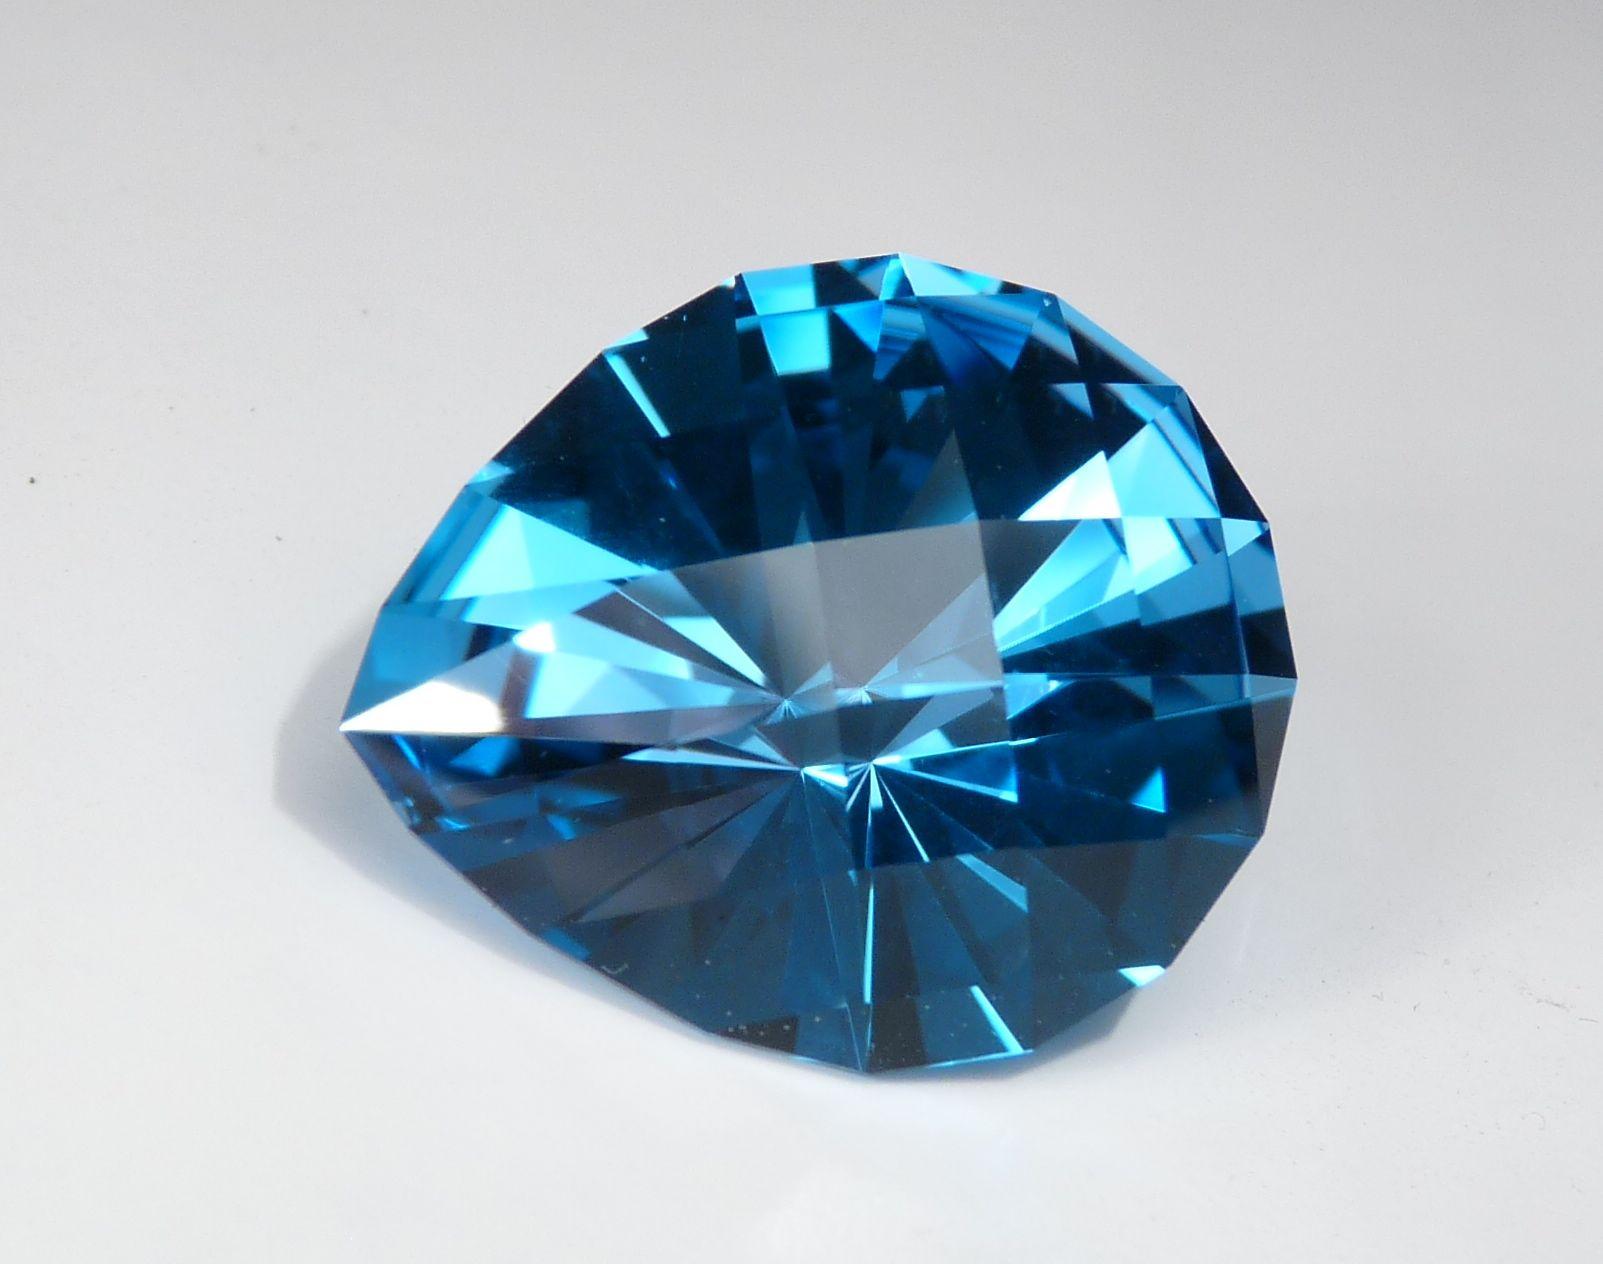 Nhẫn đá màu xanh nước biển Topaz có ý nghĩa phong thủy là gì? - Trang sức  JEMMIA